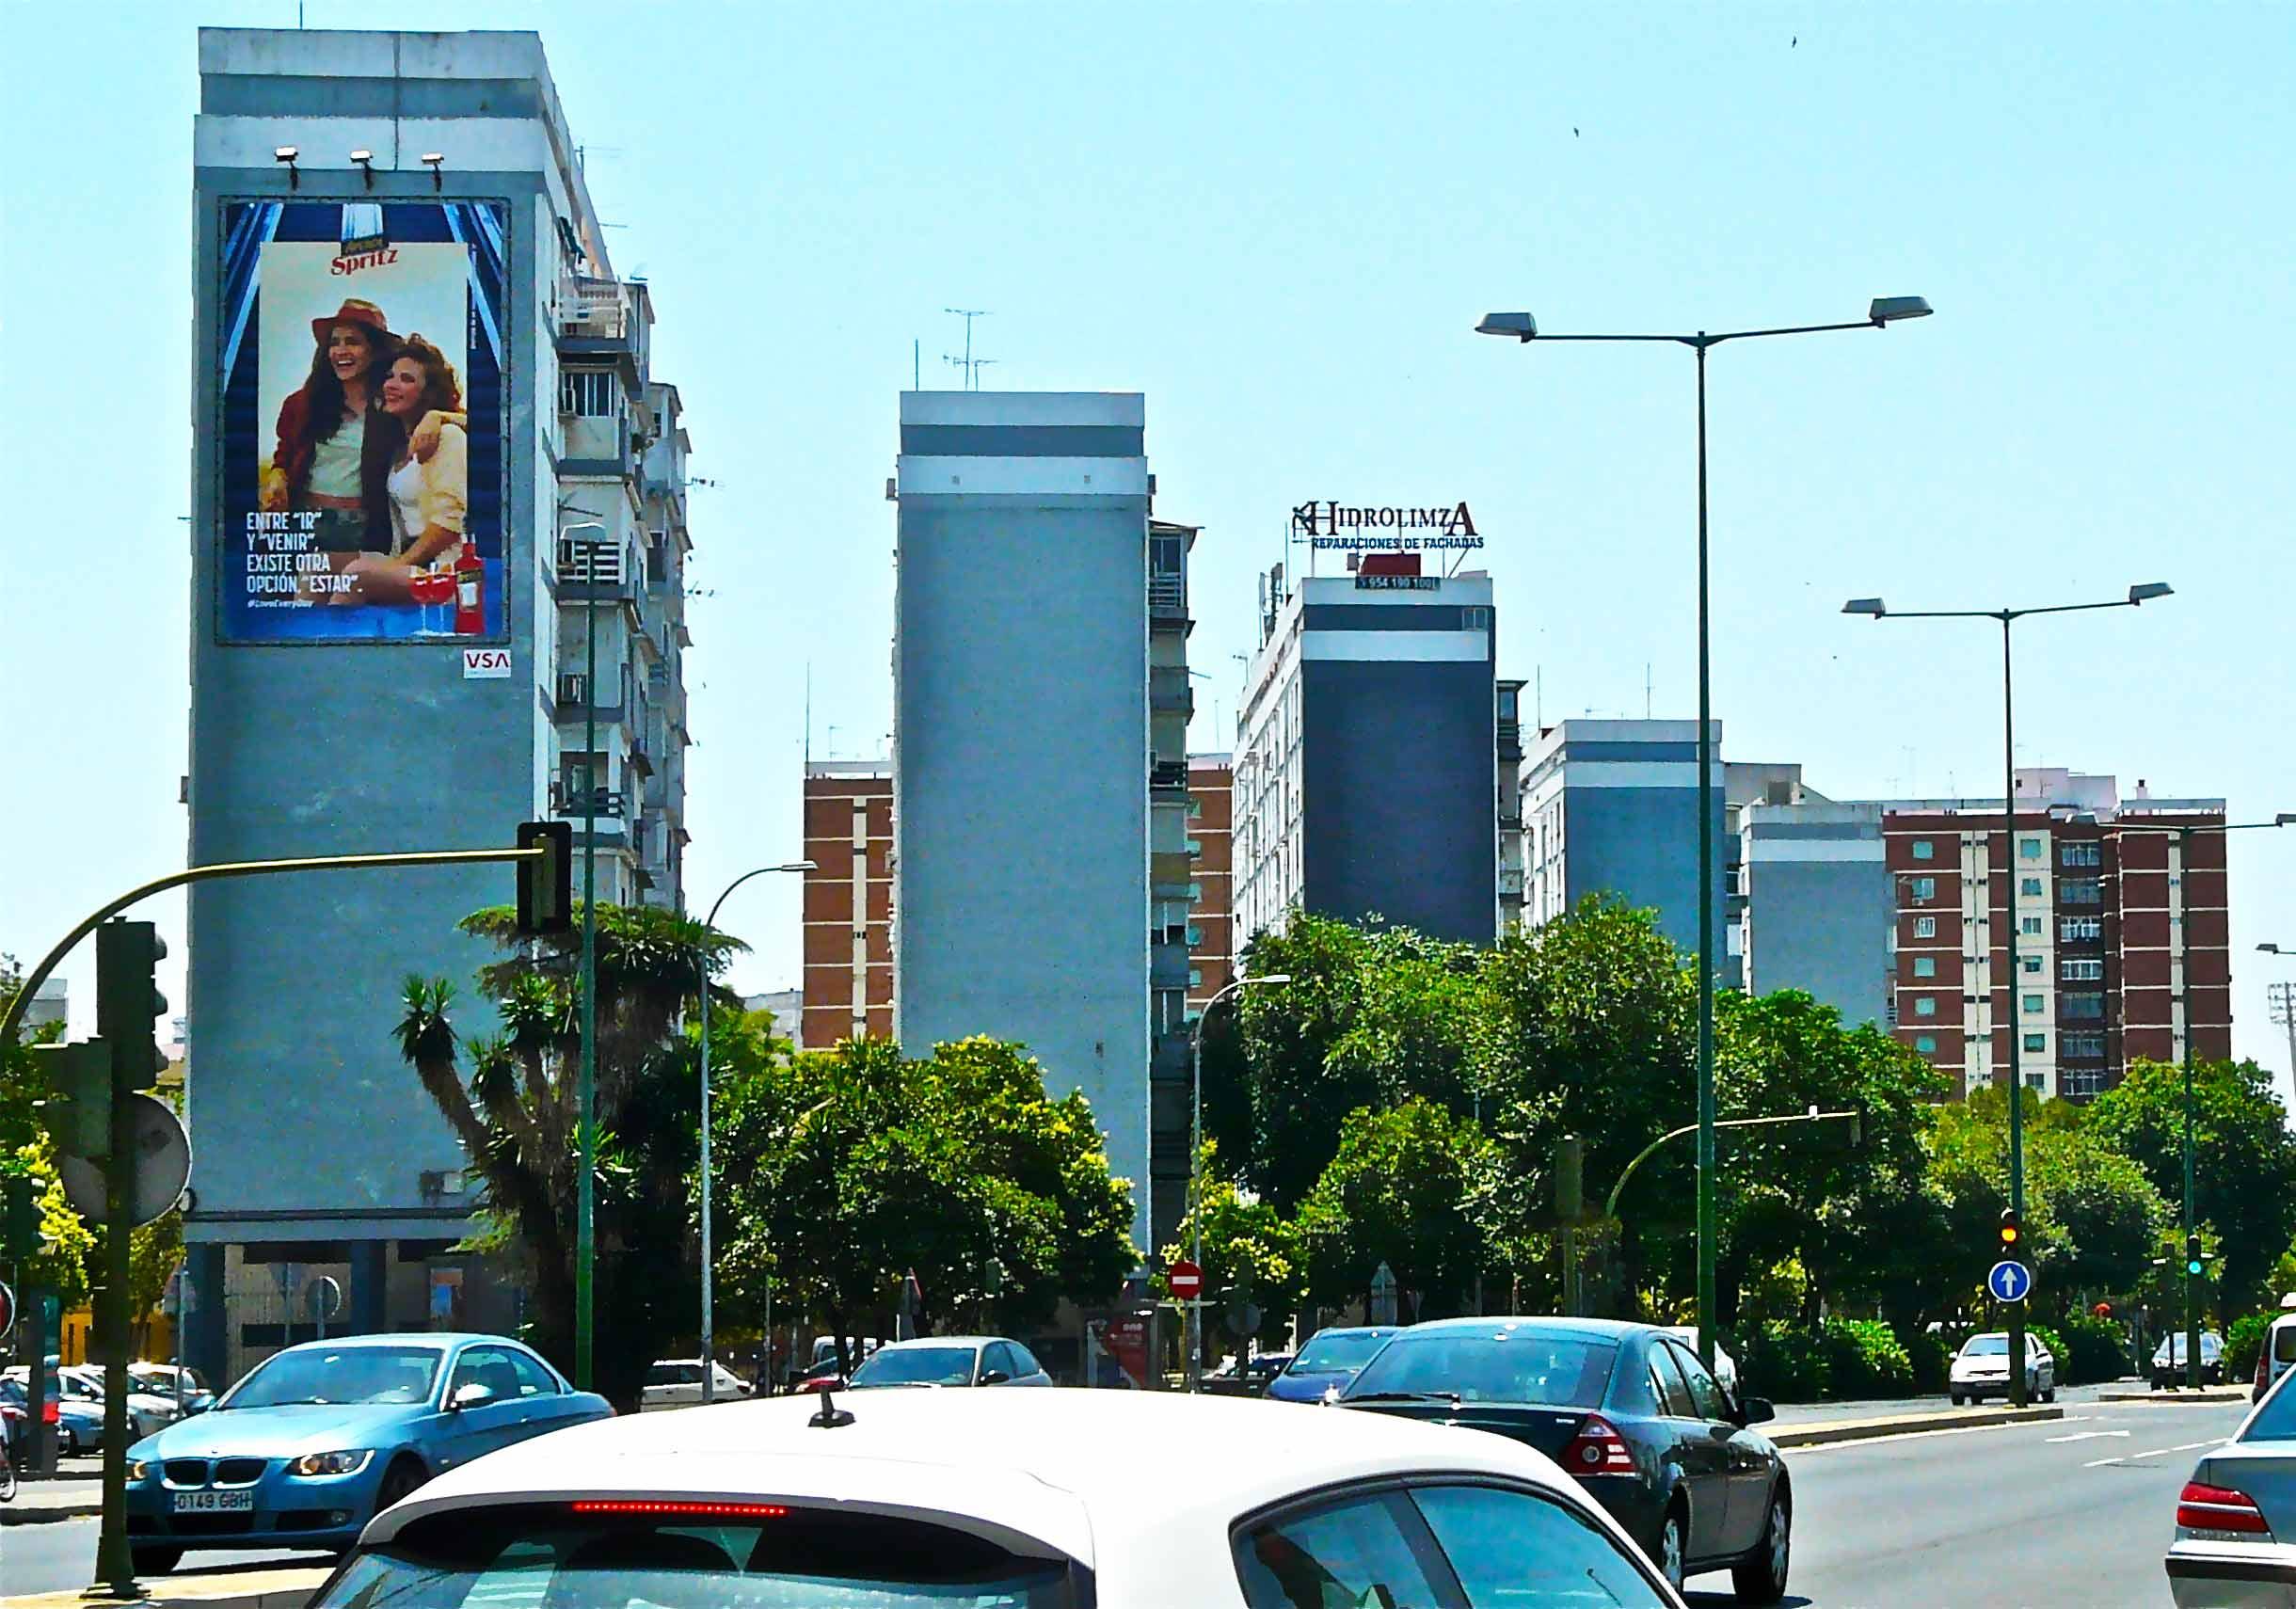 pym-medianera-publicidad-exterior-aperol-sevilla-vsa-comunicacion